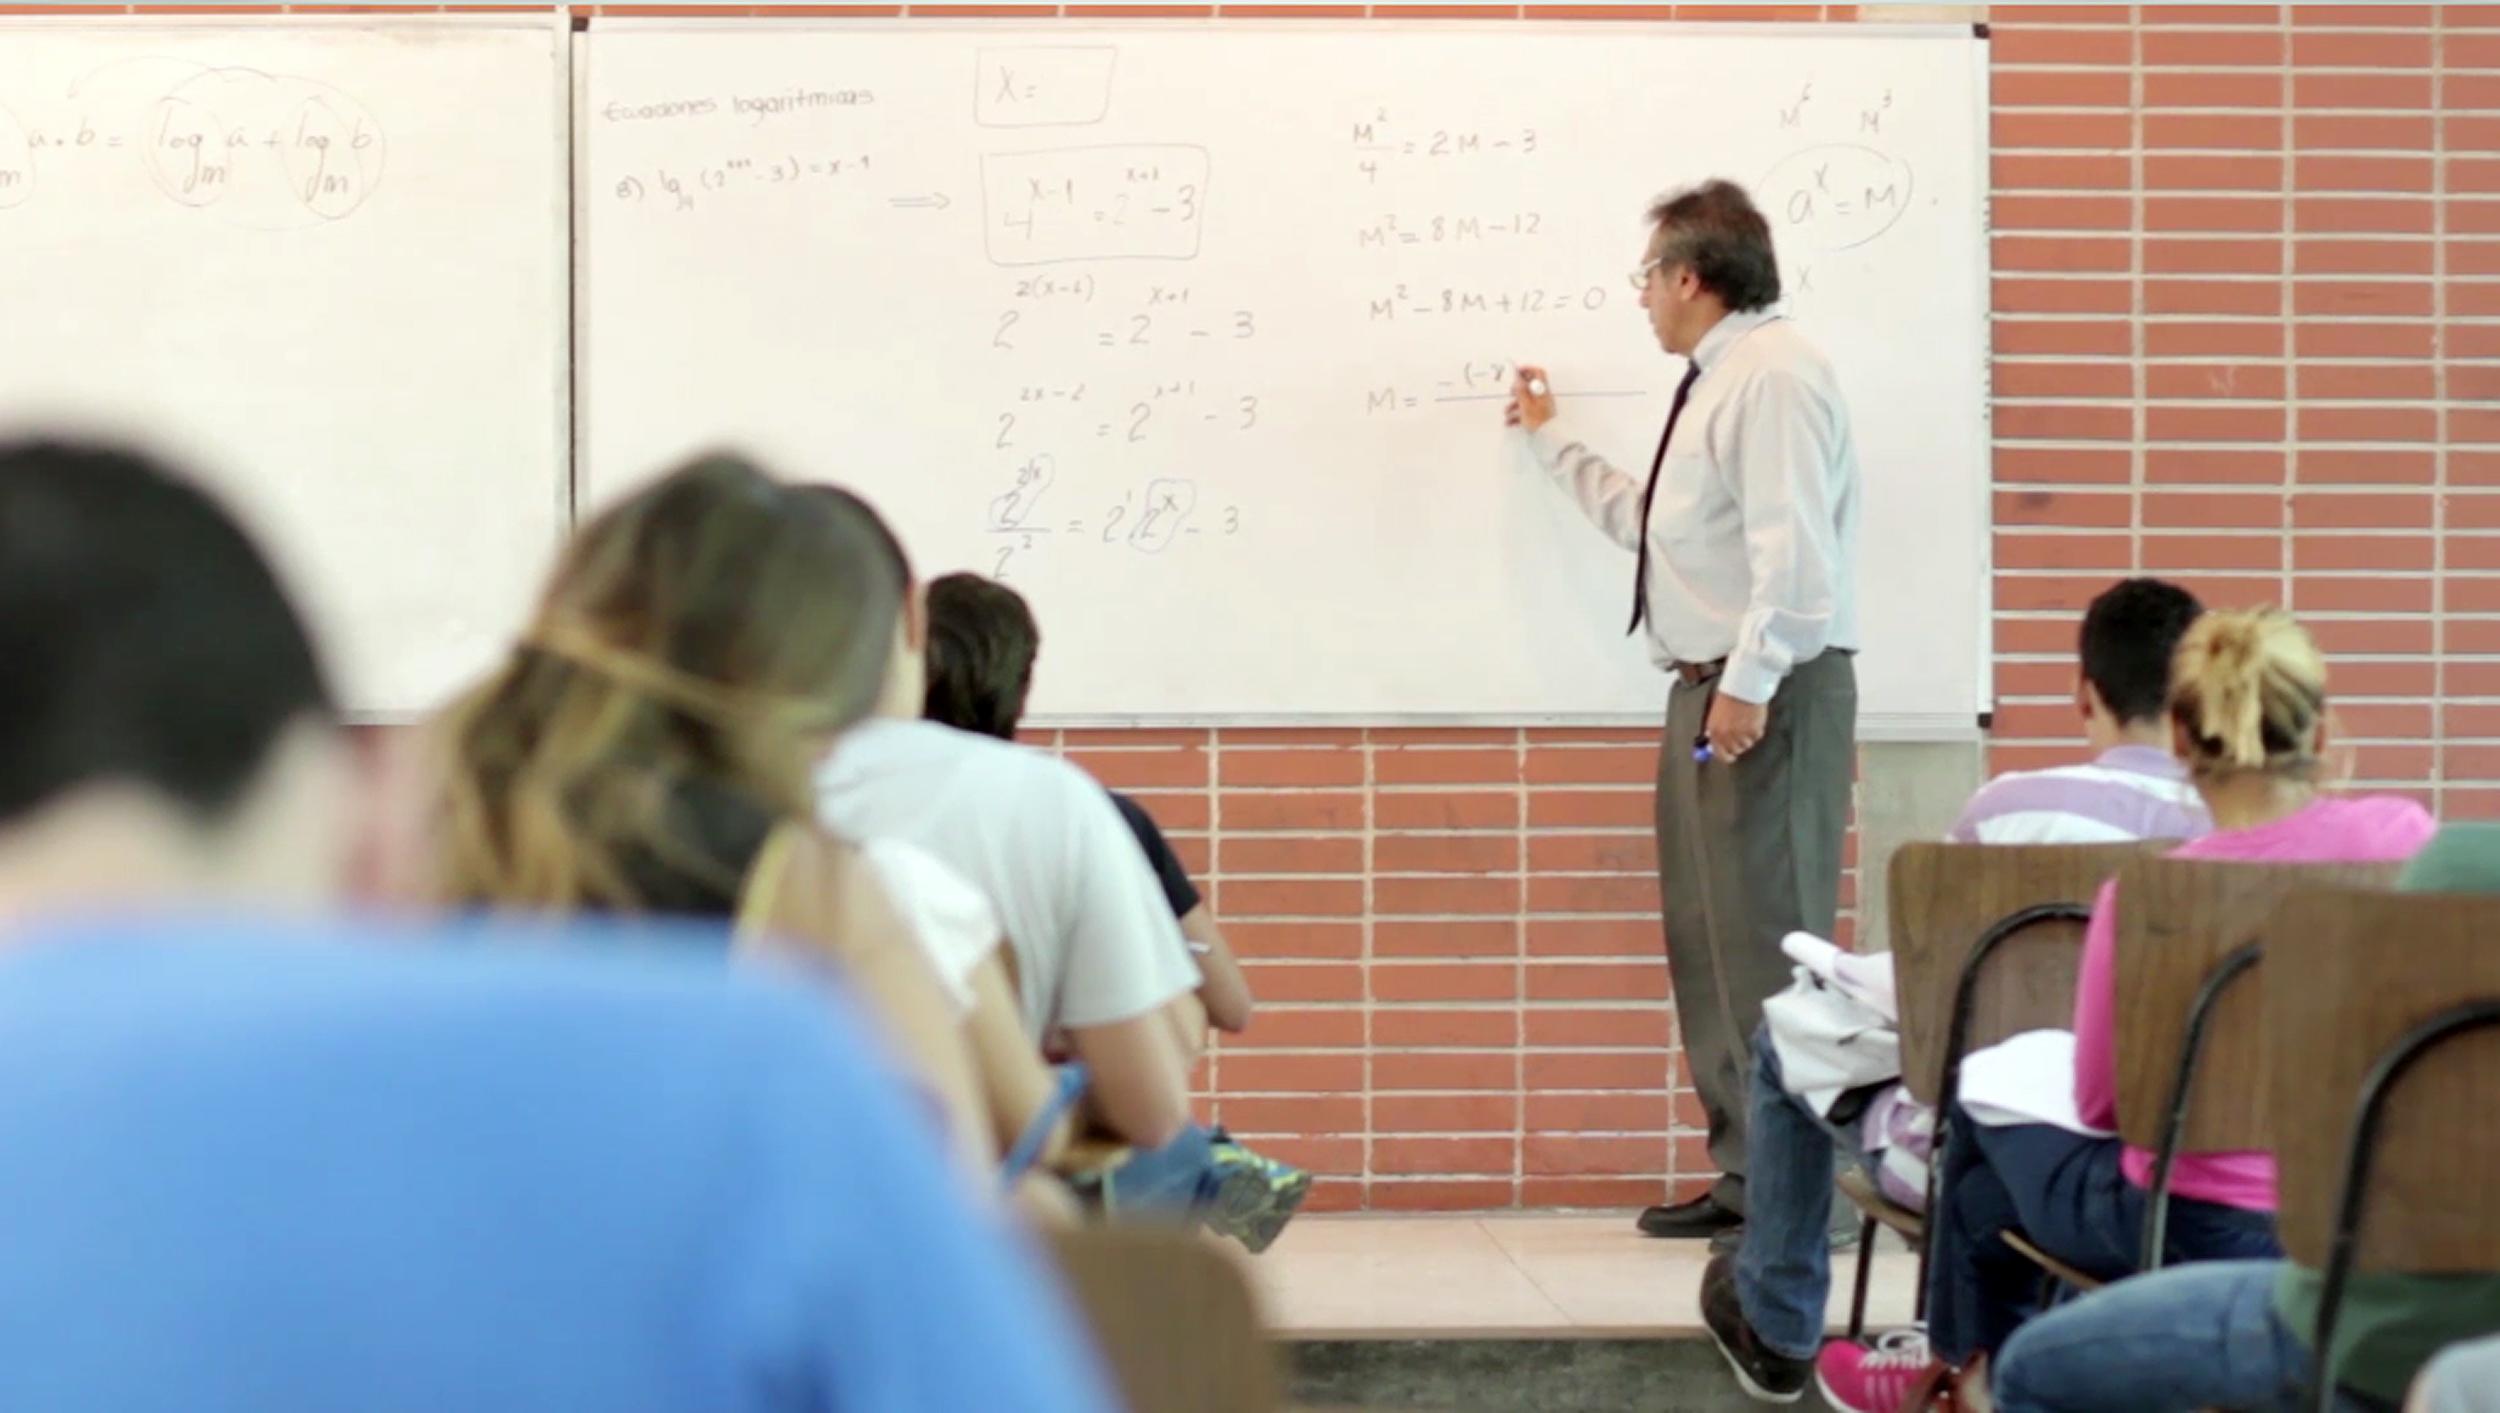 El CDLE invitó a los profesores ucabistas a incluir el inglés en sus clases